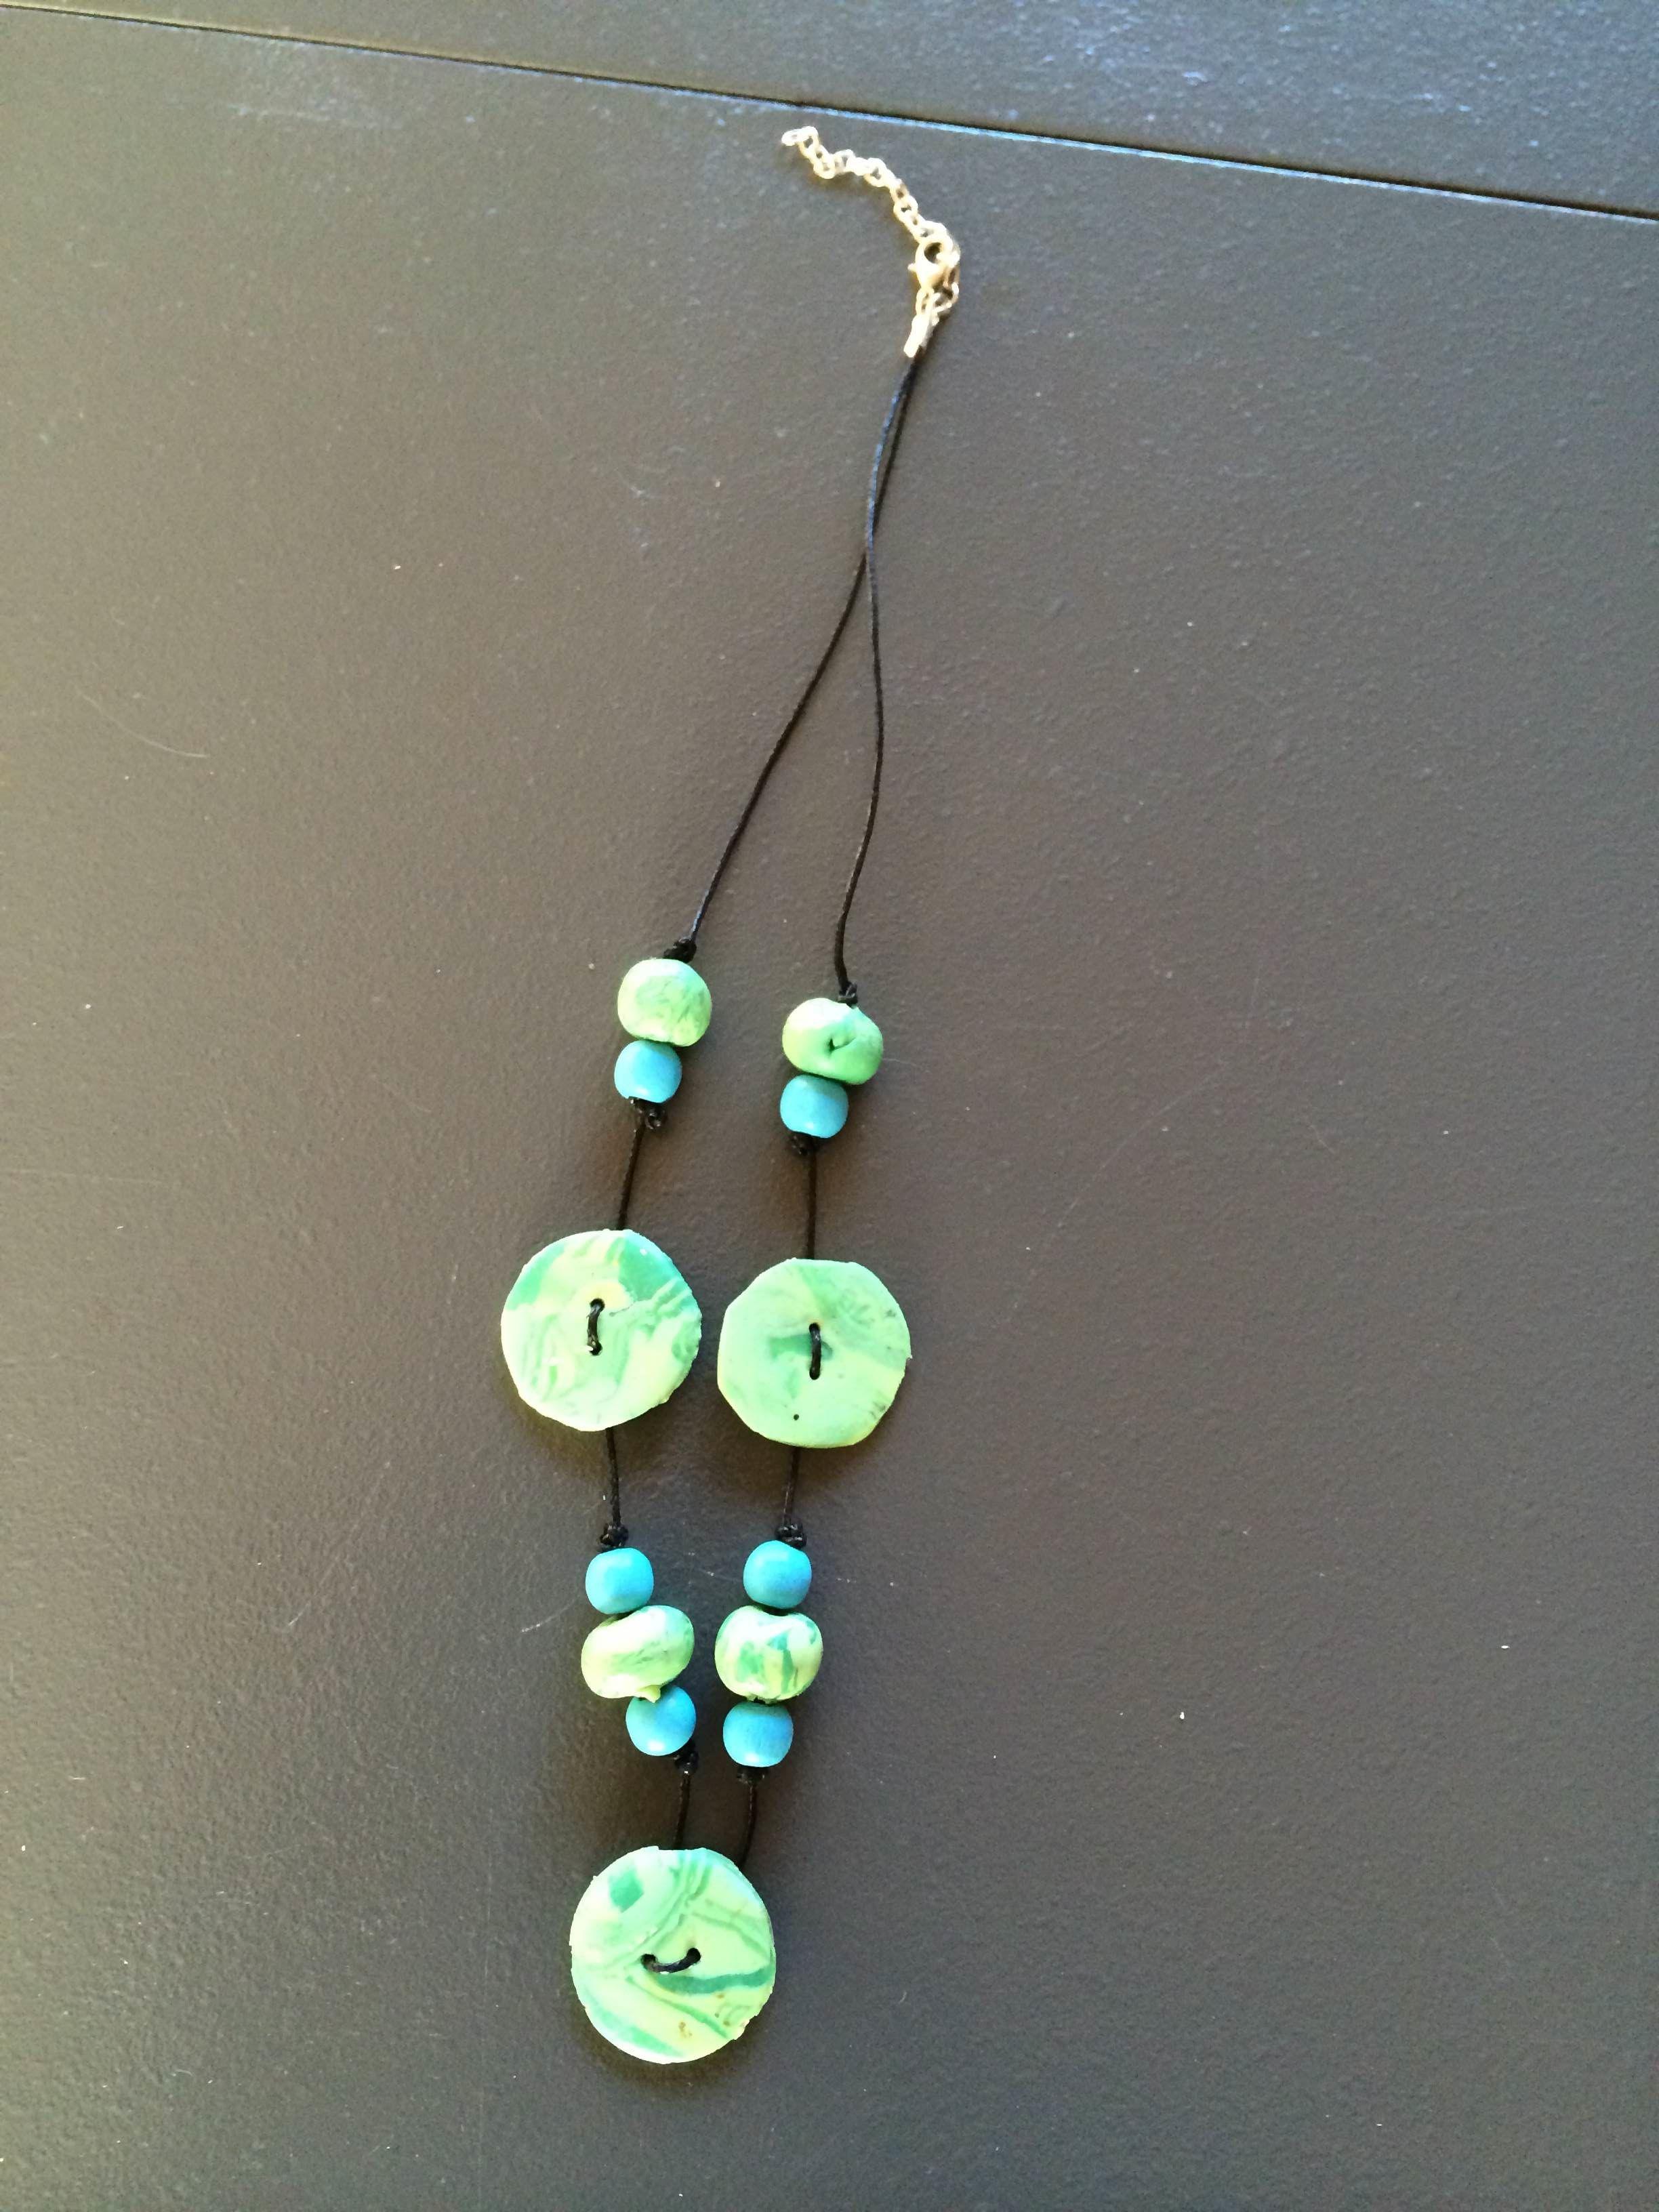 fimoklei knopen en kralen gemaakt verwerkt tot een ketting